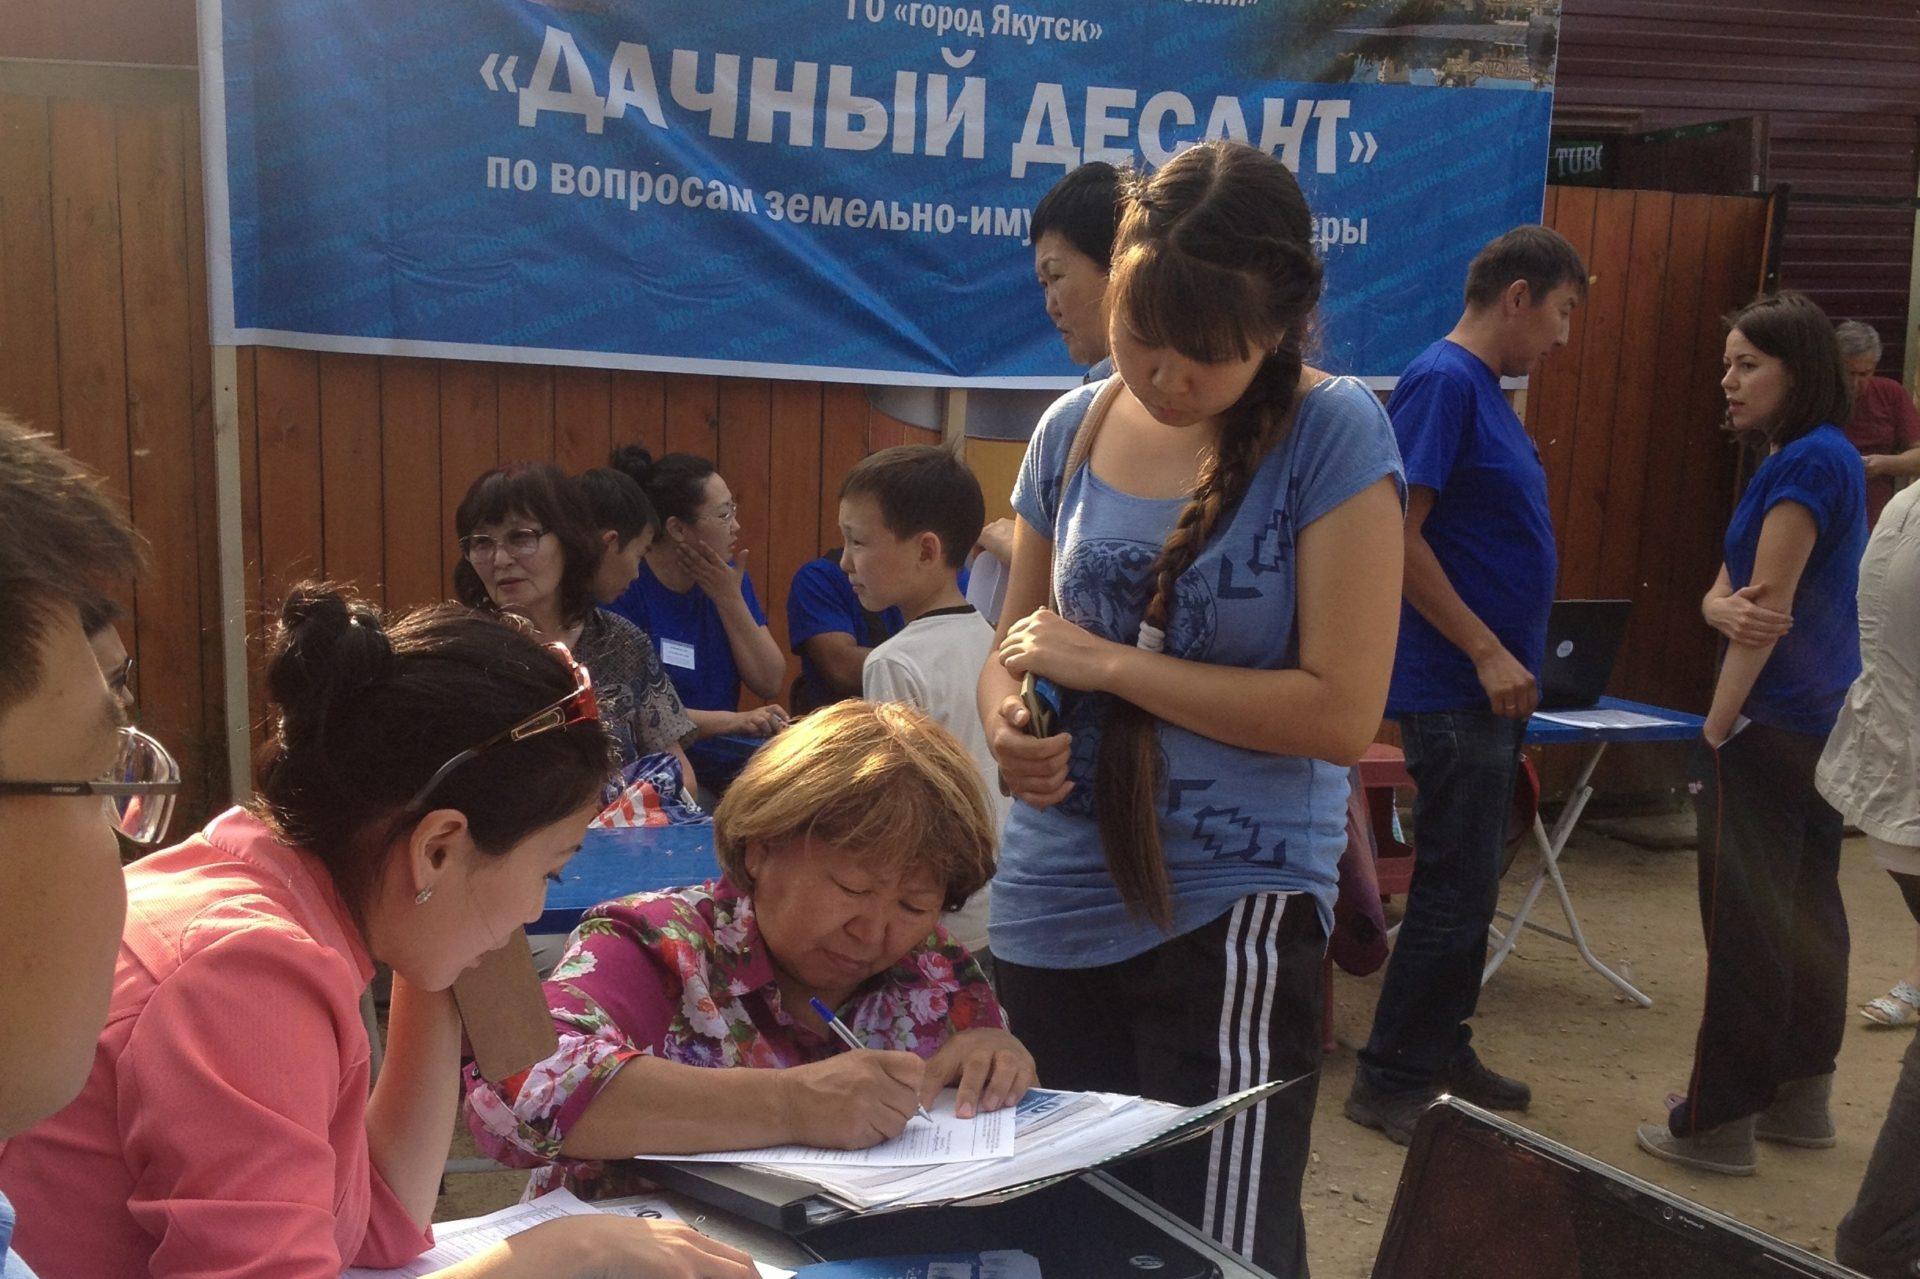 Сегодня в Якутске стартует дачный десант